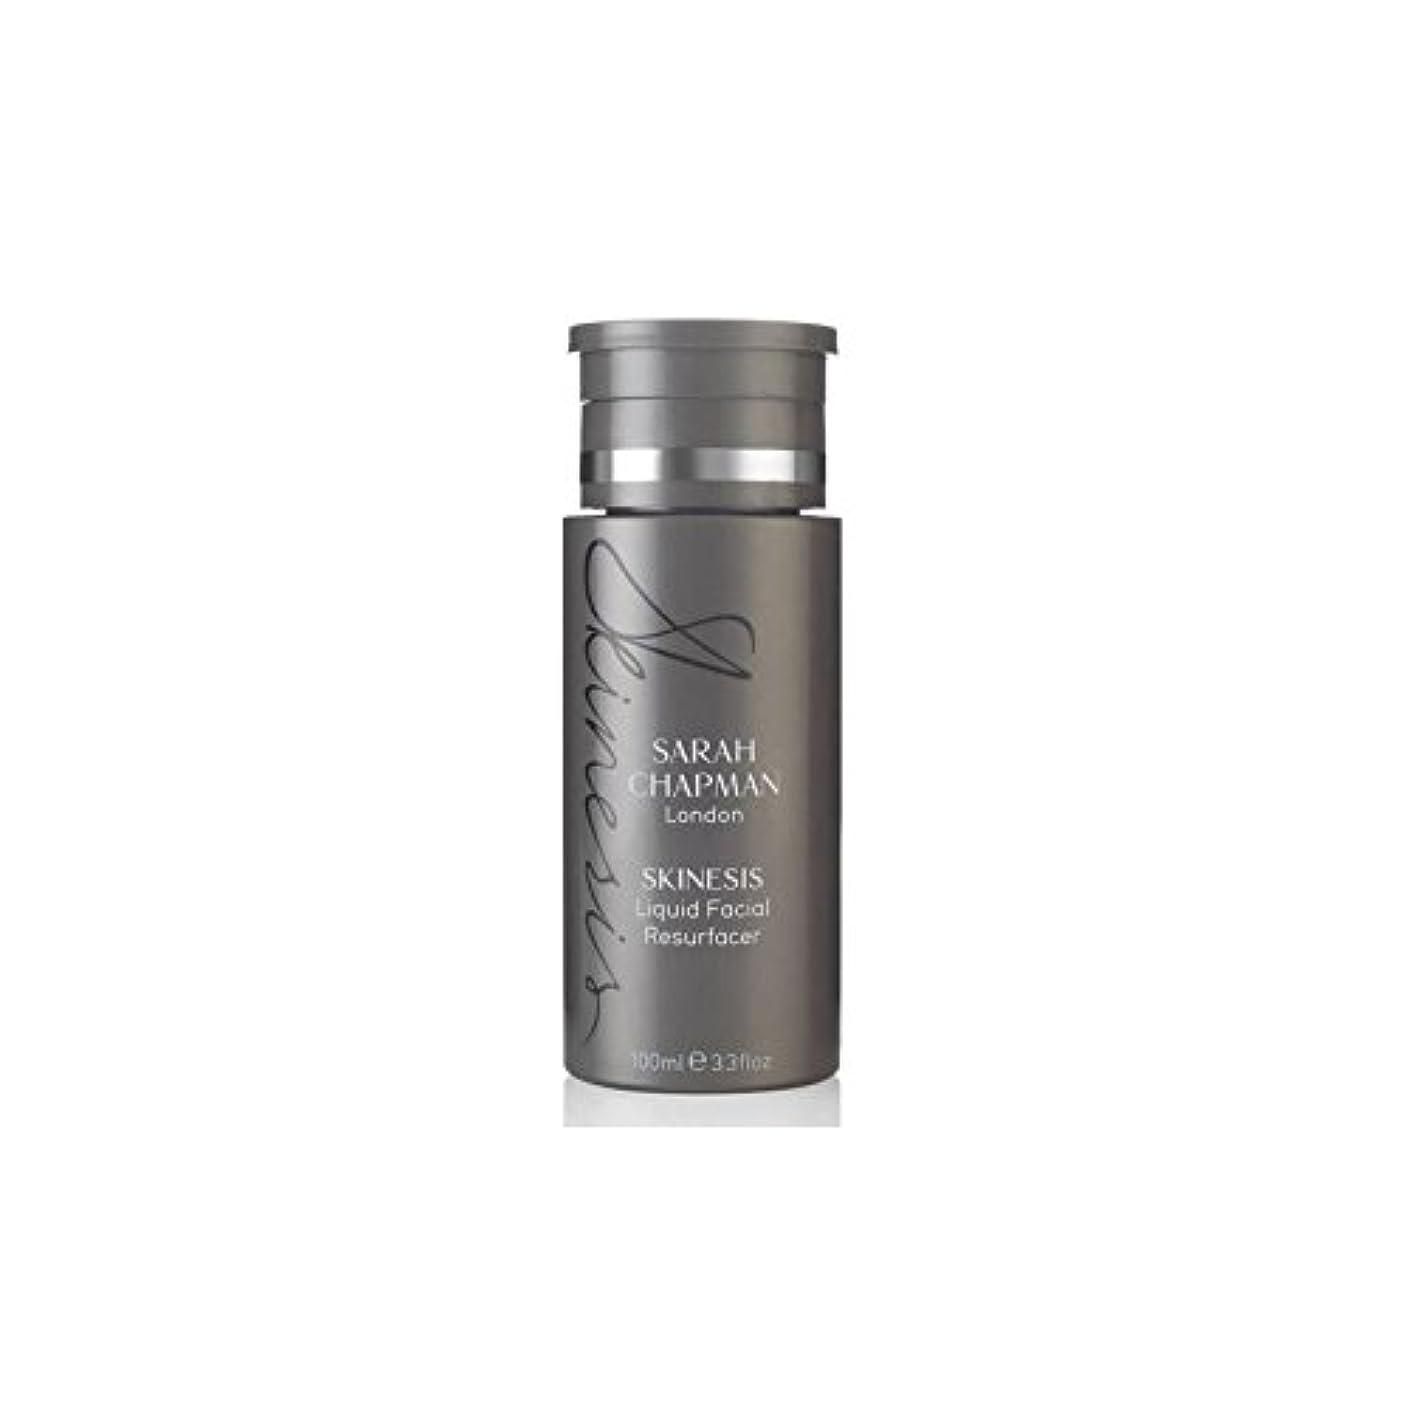 投げ捨てるに慣れ氏Sarah Chapman Skinesis Liquid Facial Resurfacer (100ml) (Pack of 6) - サラチャップマン液体顔(100)に x6 [並行輸入品]